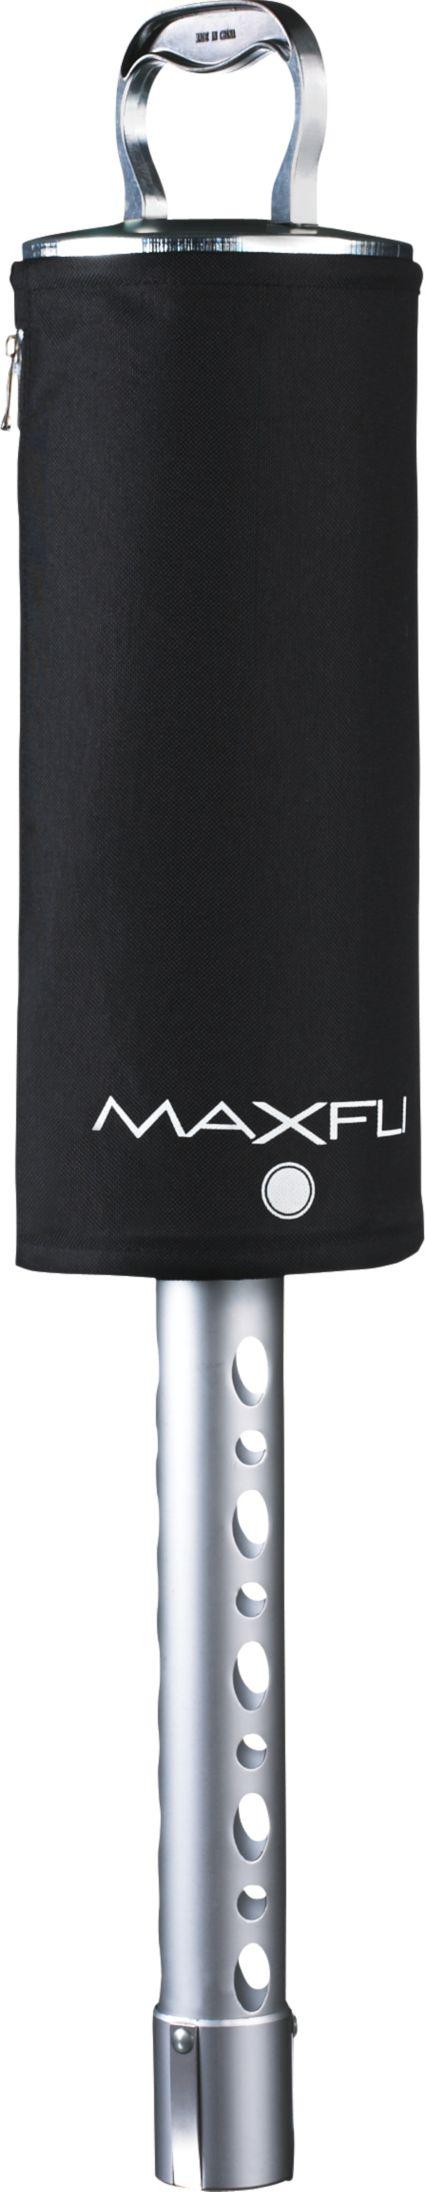 Maxfli Deluxe Shag Bag